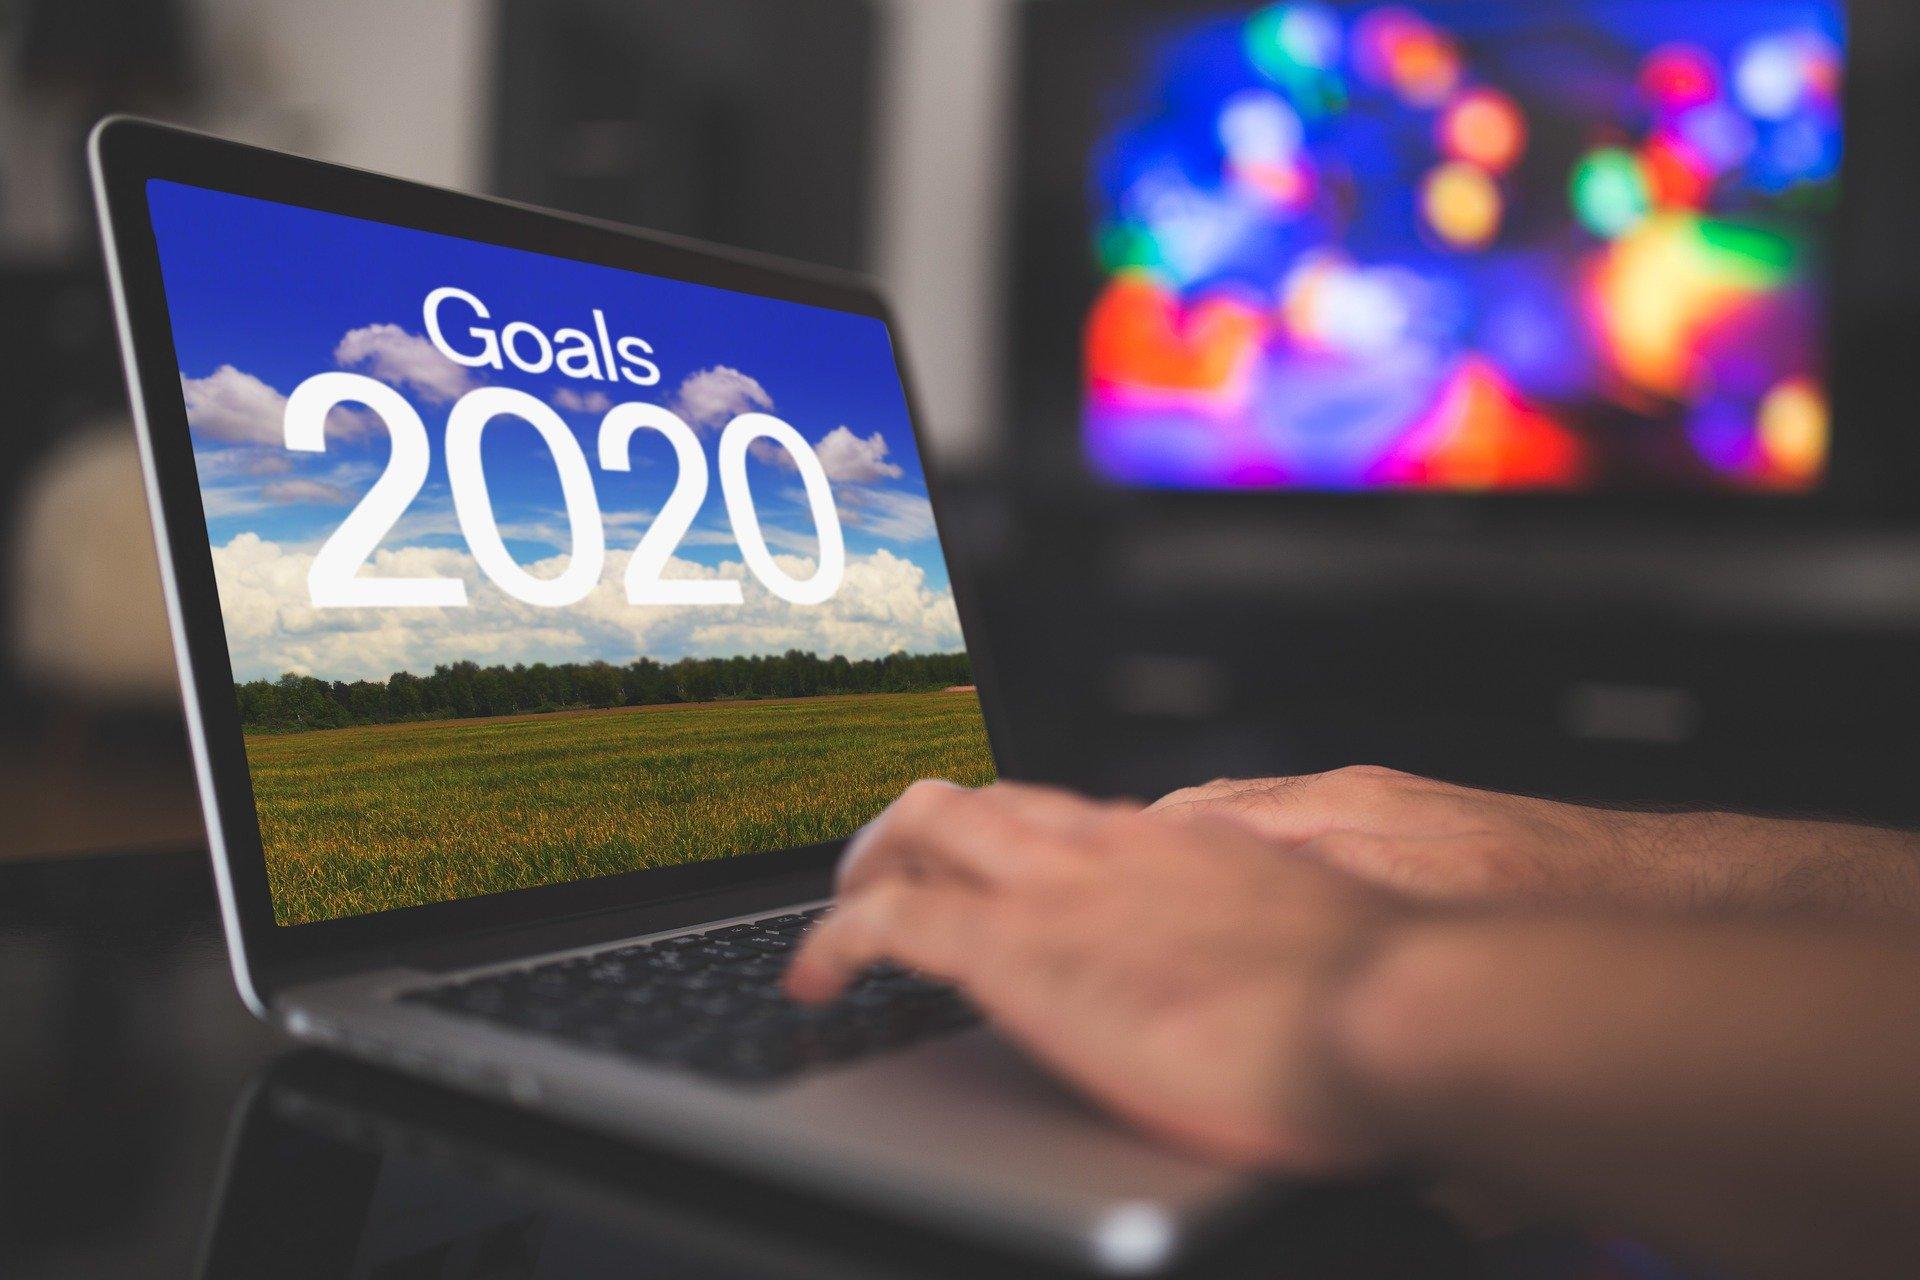 Cum a fost 2019 pentru mine si ce mi-am propus in 2020?